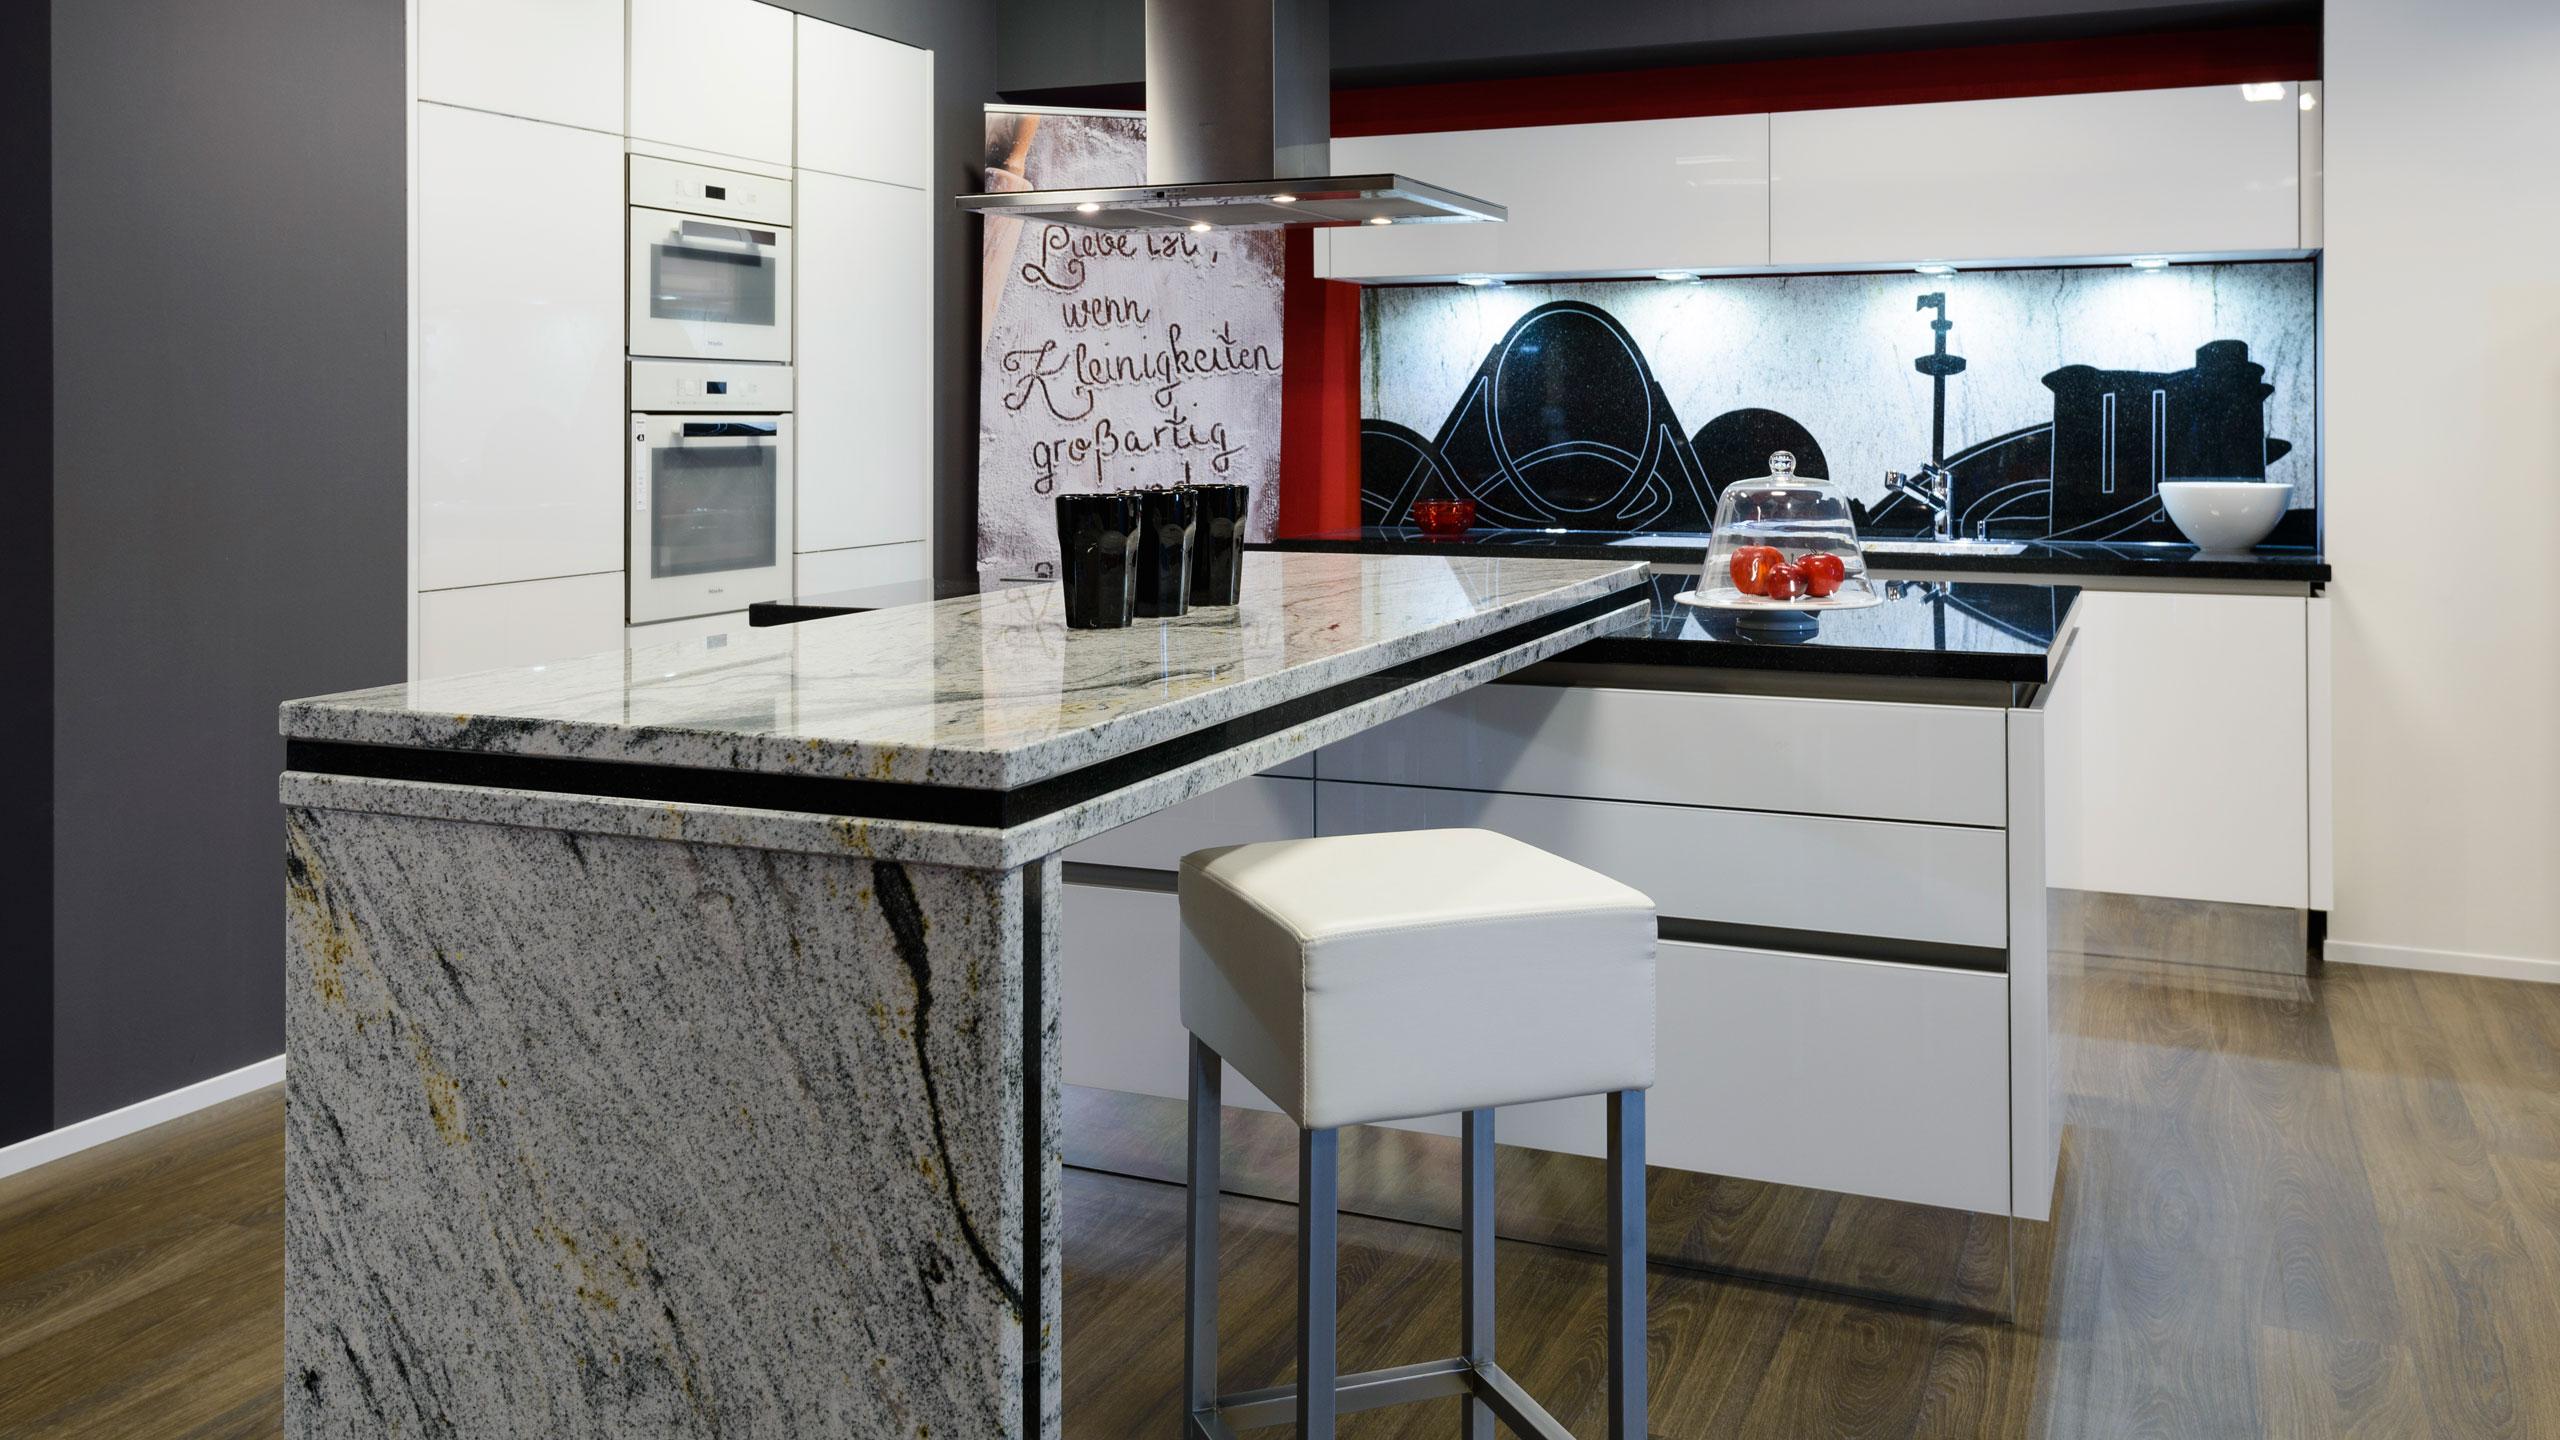 Full Size of Granitplatten Küche Finanzieren Beistelltisch Scheibengardinen Hängeschränke Aufbewahrung Wasserhähne Sideboard Anrichte Hängeschrank Höhe Eiche Küche Granitplatten Küche